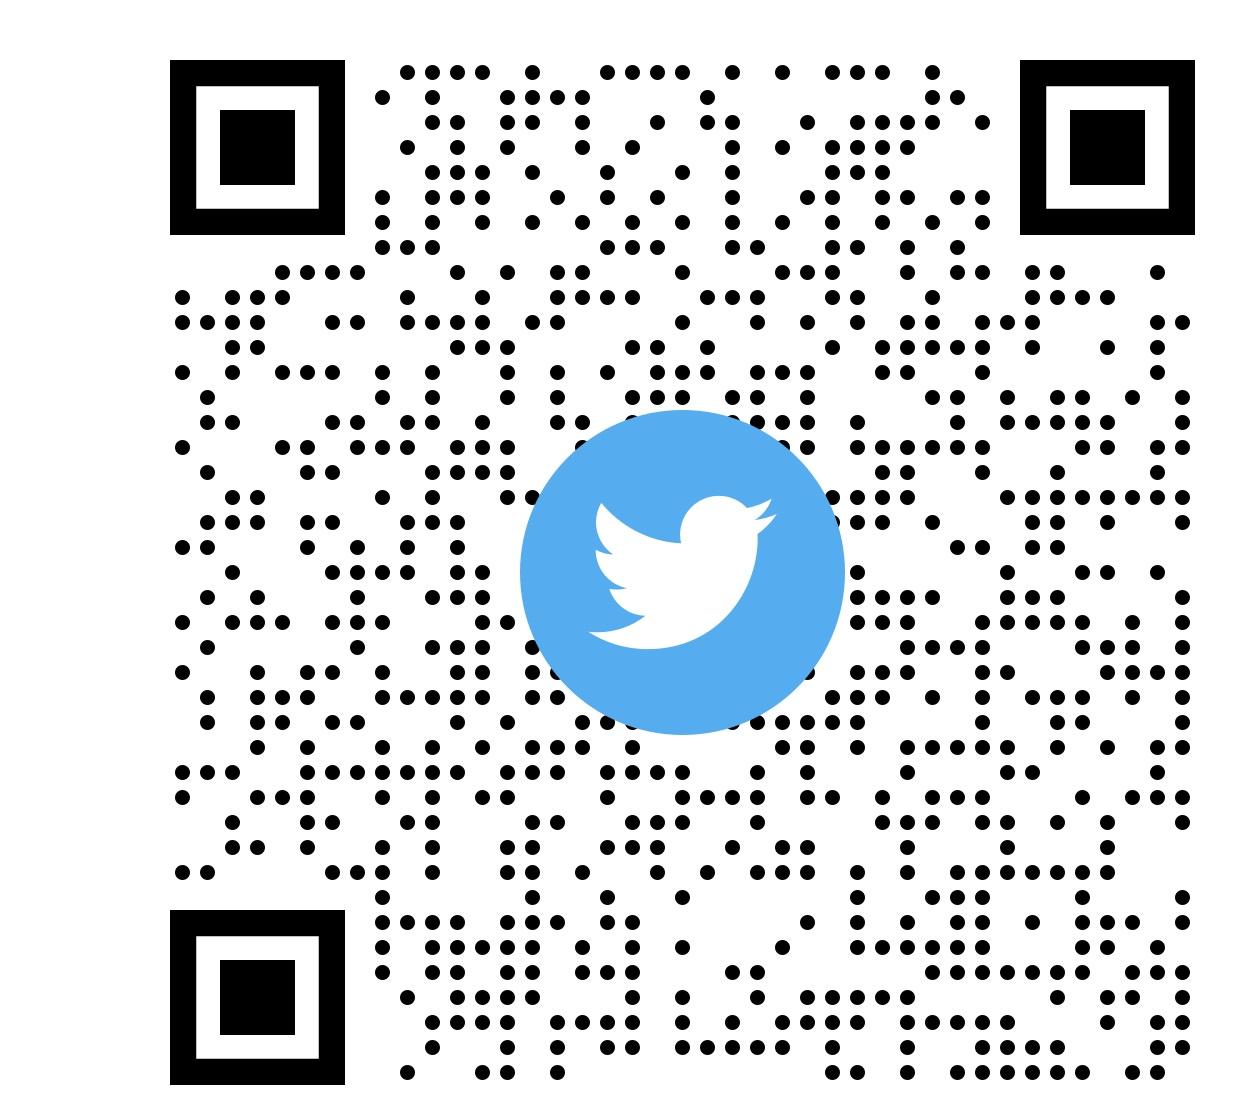 https://www.programapublicidad.com/wp-content/uploads/2020/09/código-QR-descarga-lectura-libro-ReConecta-programapublicidad.jpg